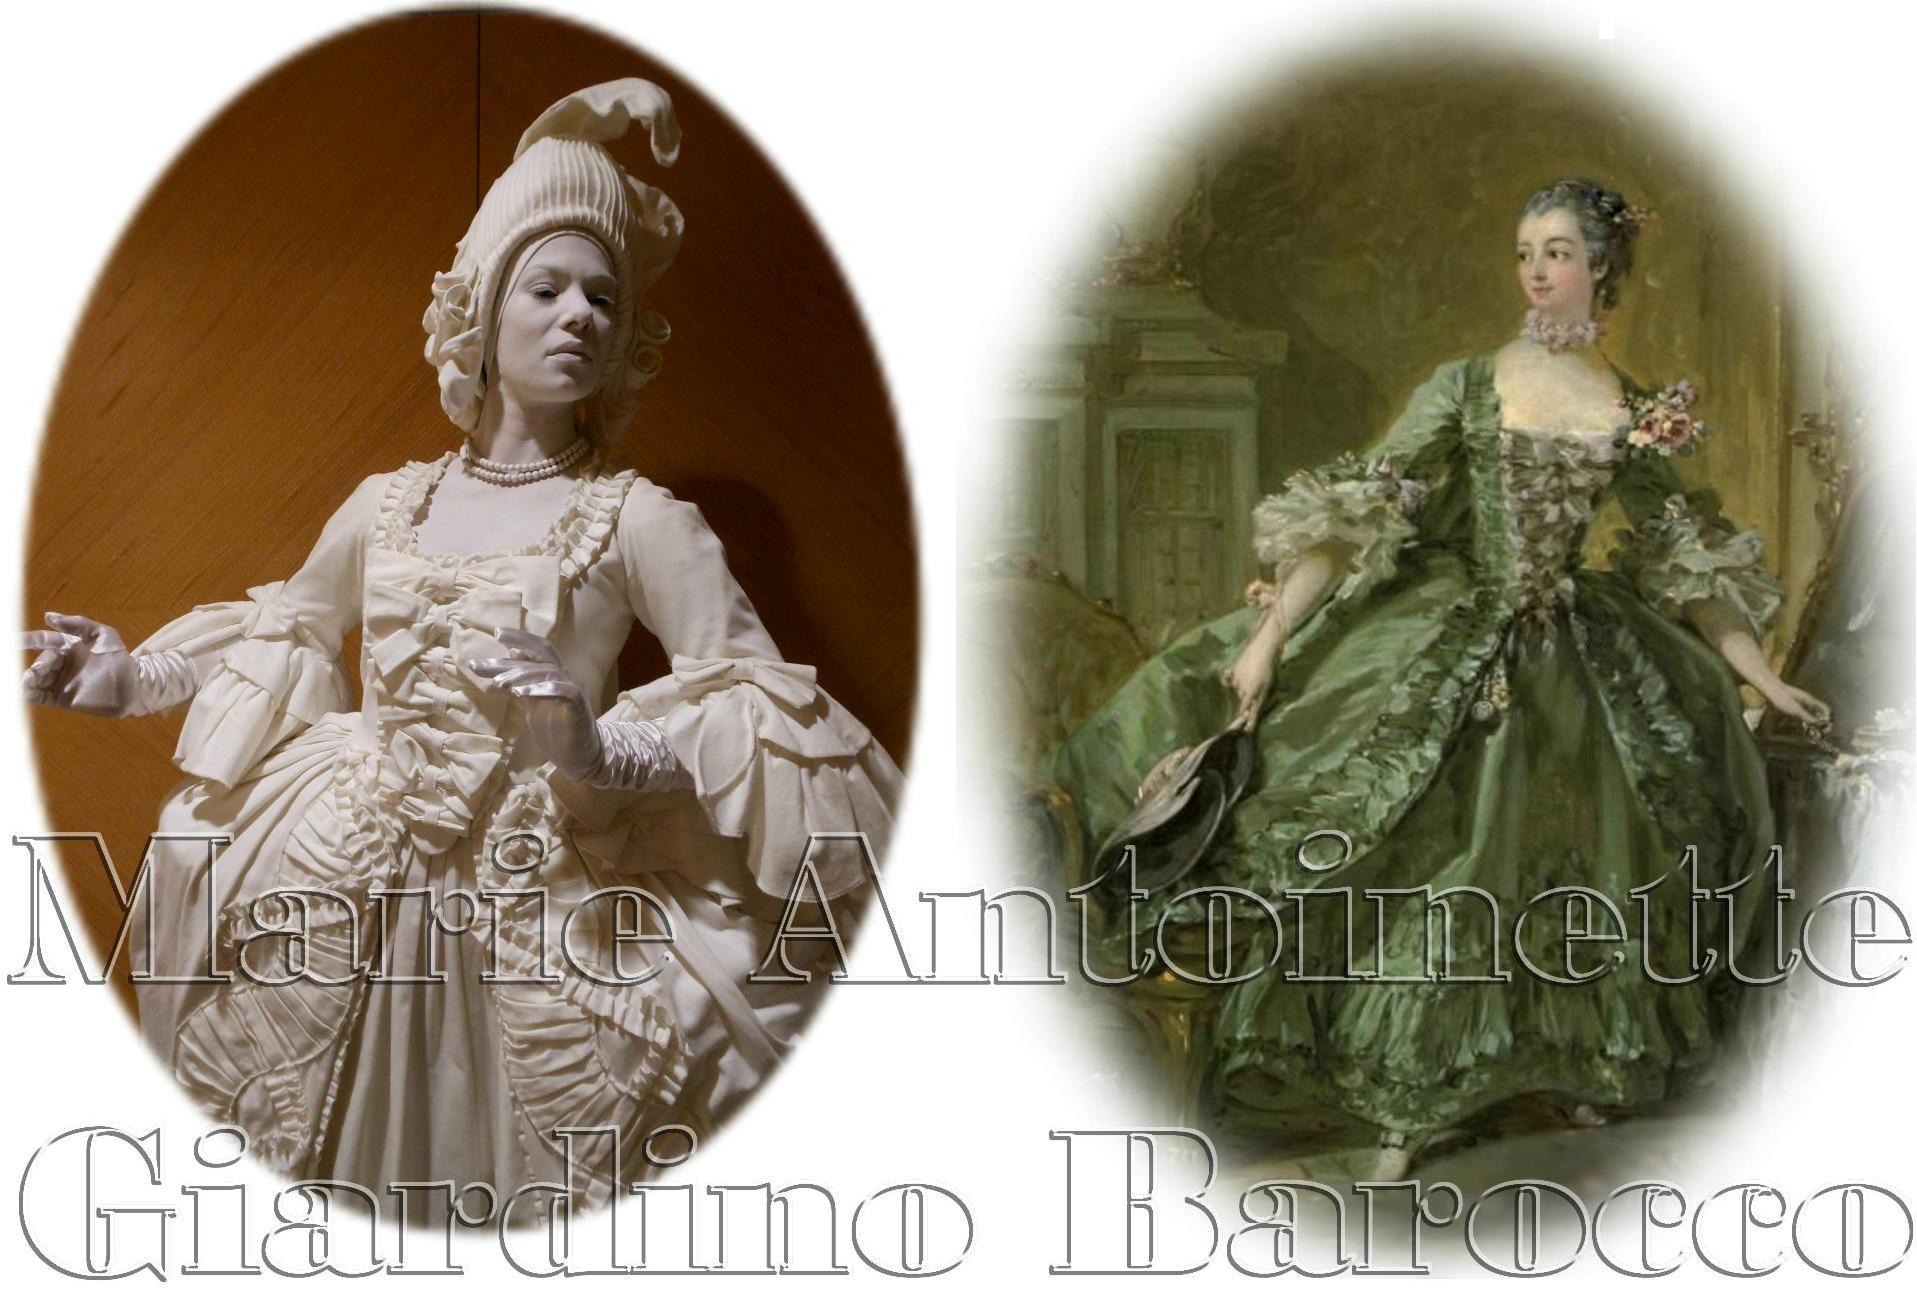 Giardino Barocco reference 4